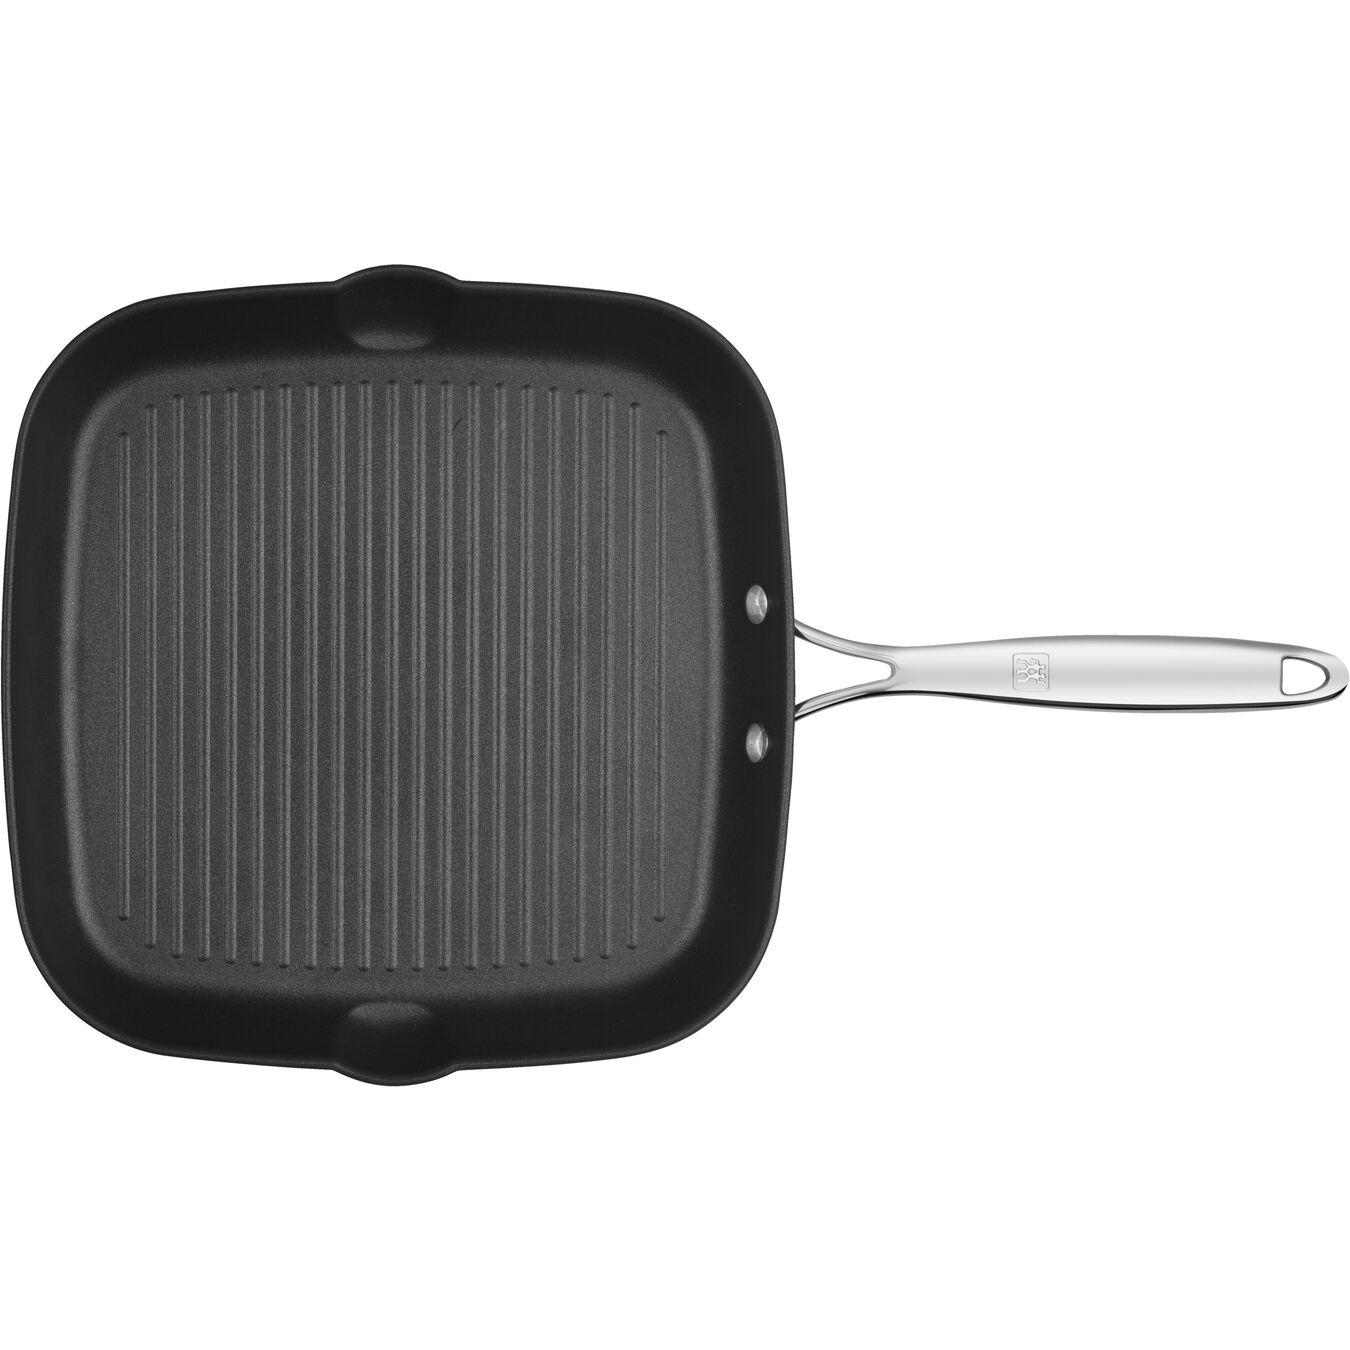 Gril 28 cm x 28 cm, Aluminium, Silver-Black,,large 3